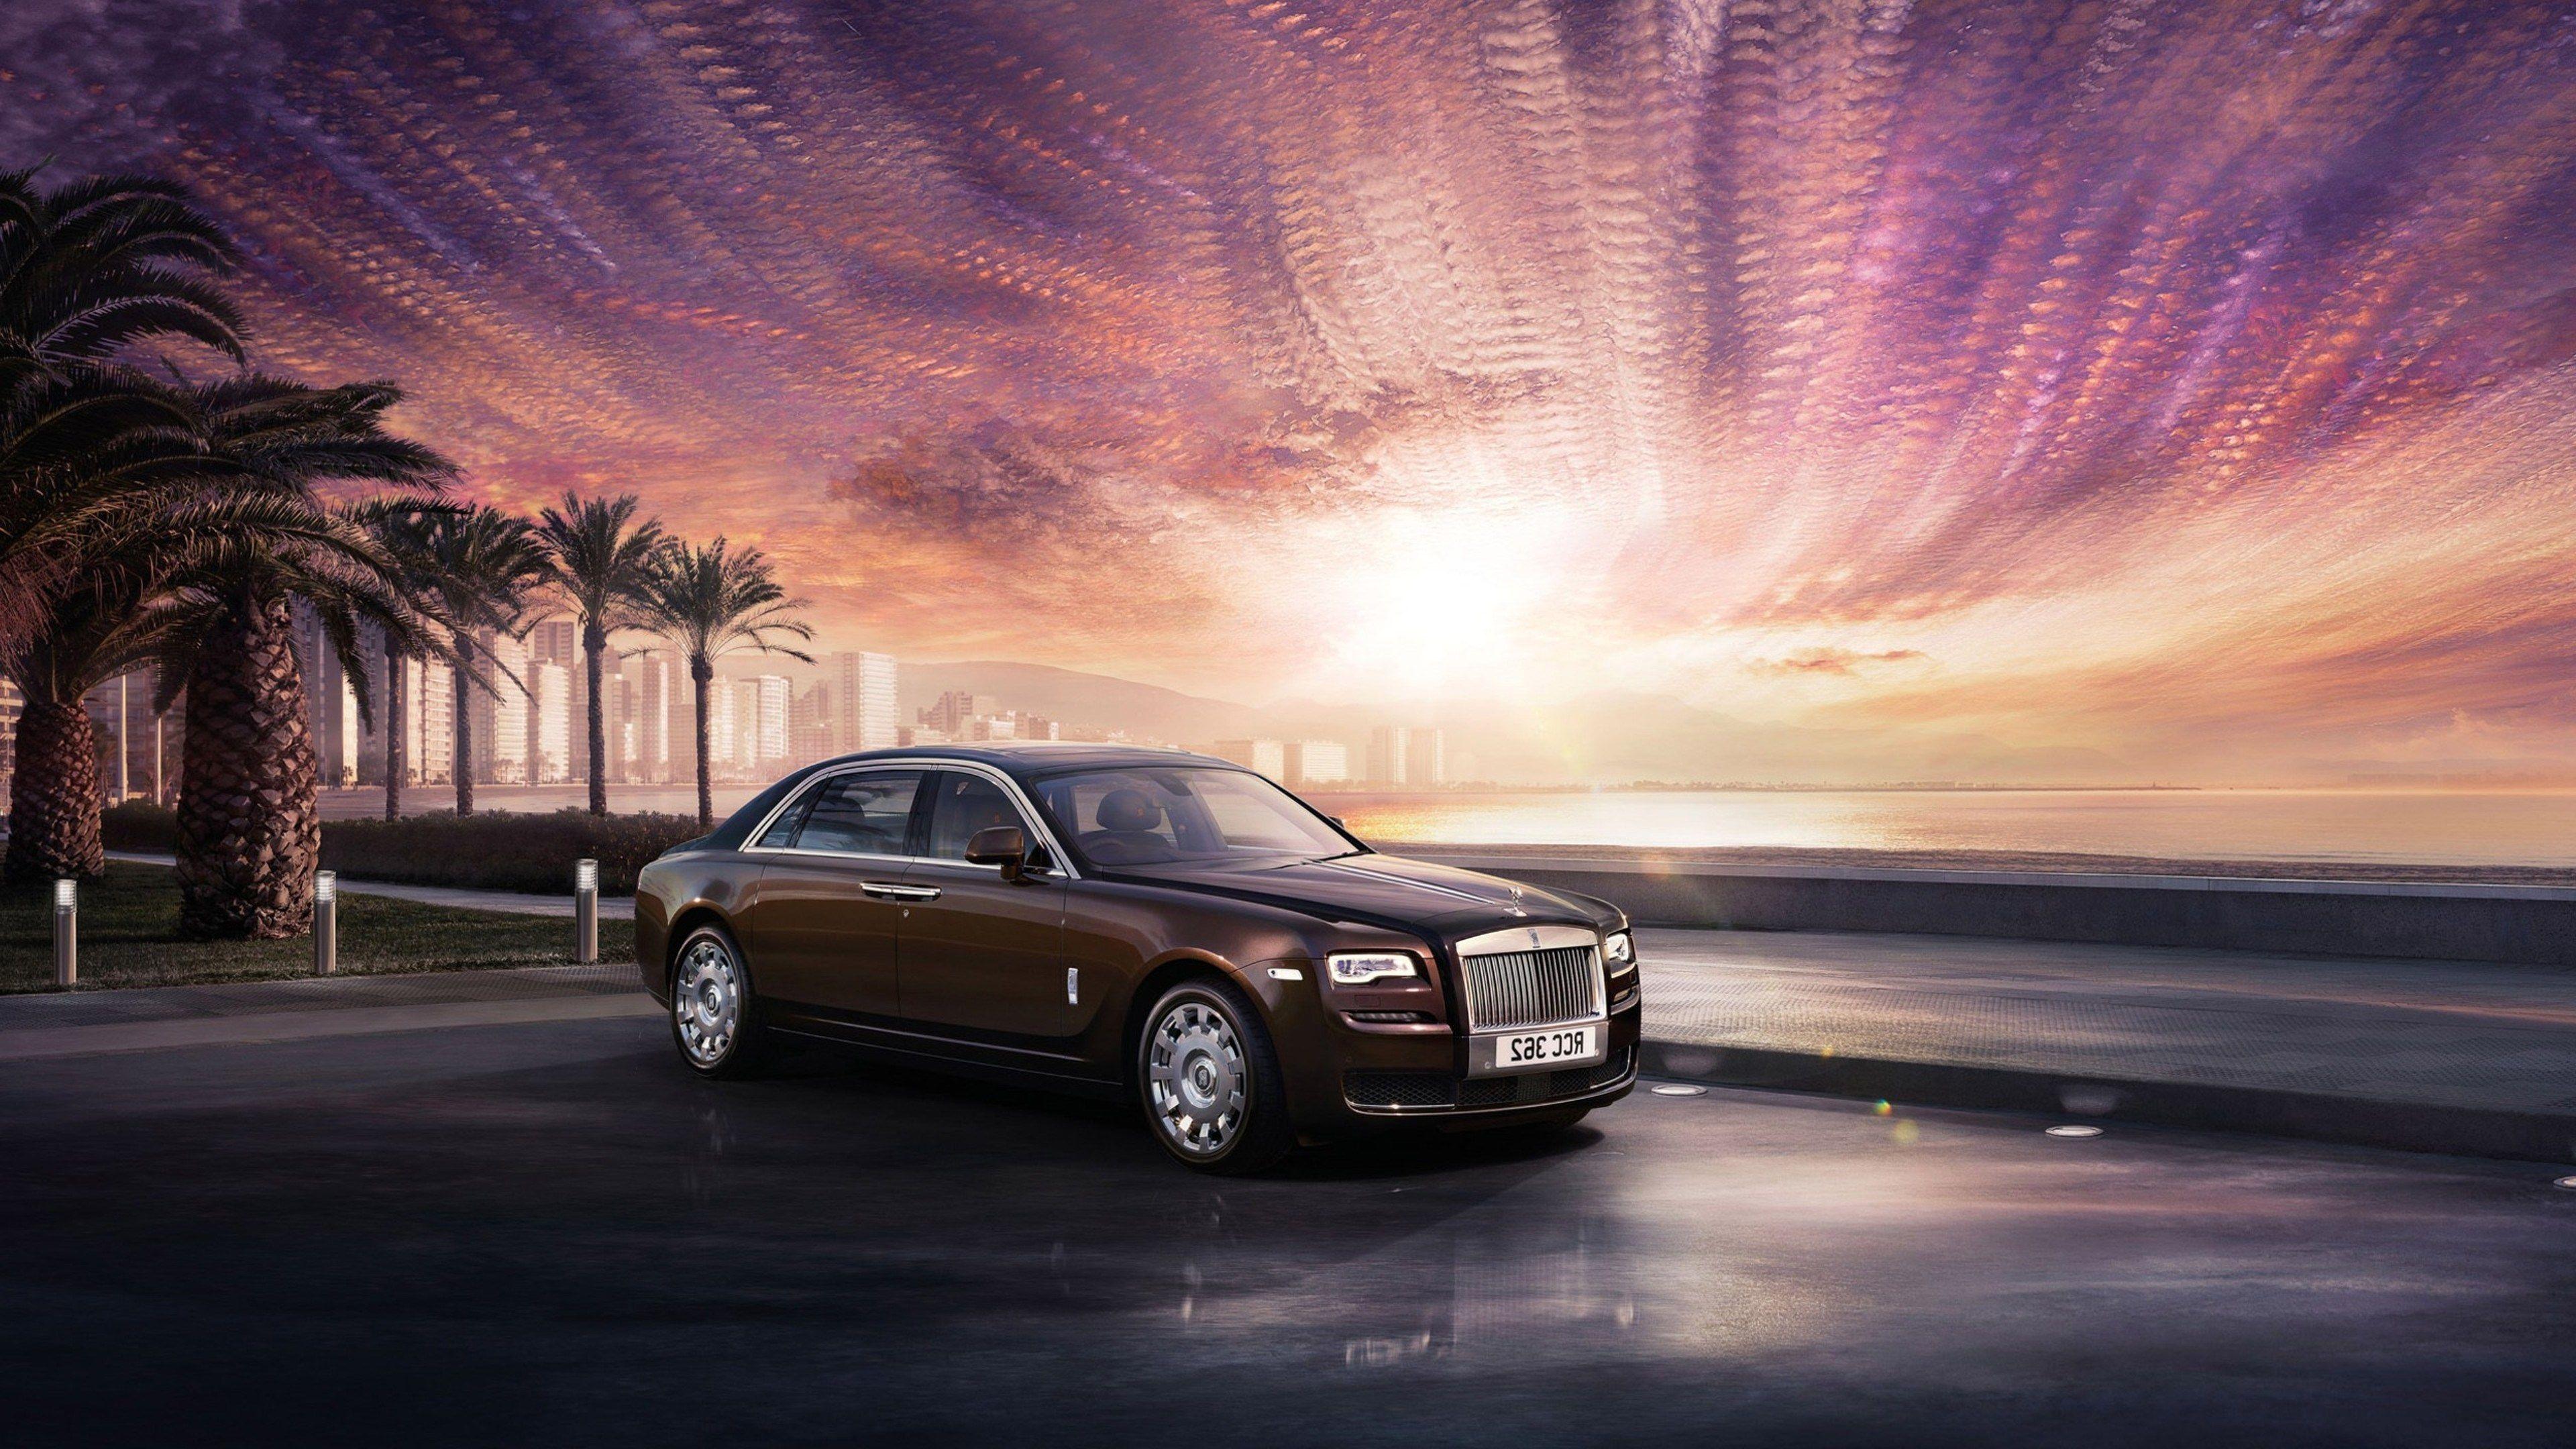 3840x2160 Rolls Royce 4k Hd Wallpaper 1080p Rolls Royce Rolls Royce Wallpaper Hd Wallpapers 1080p Full hd rolls royce car hd wallpaper